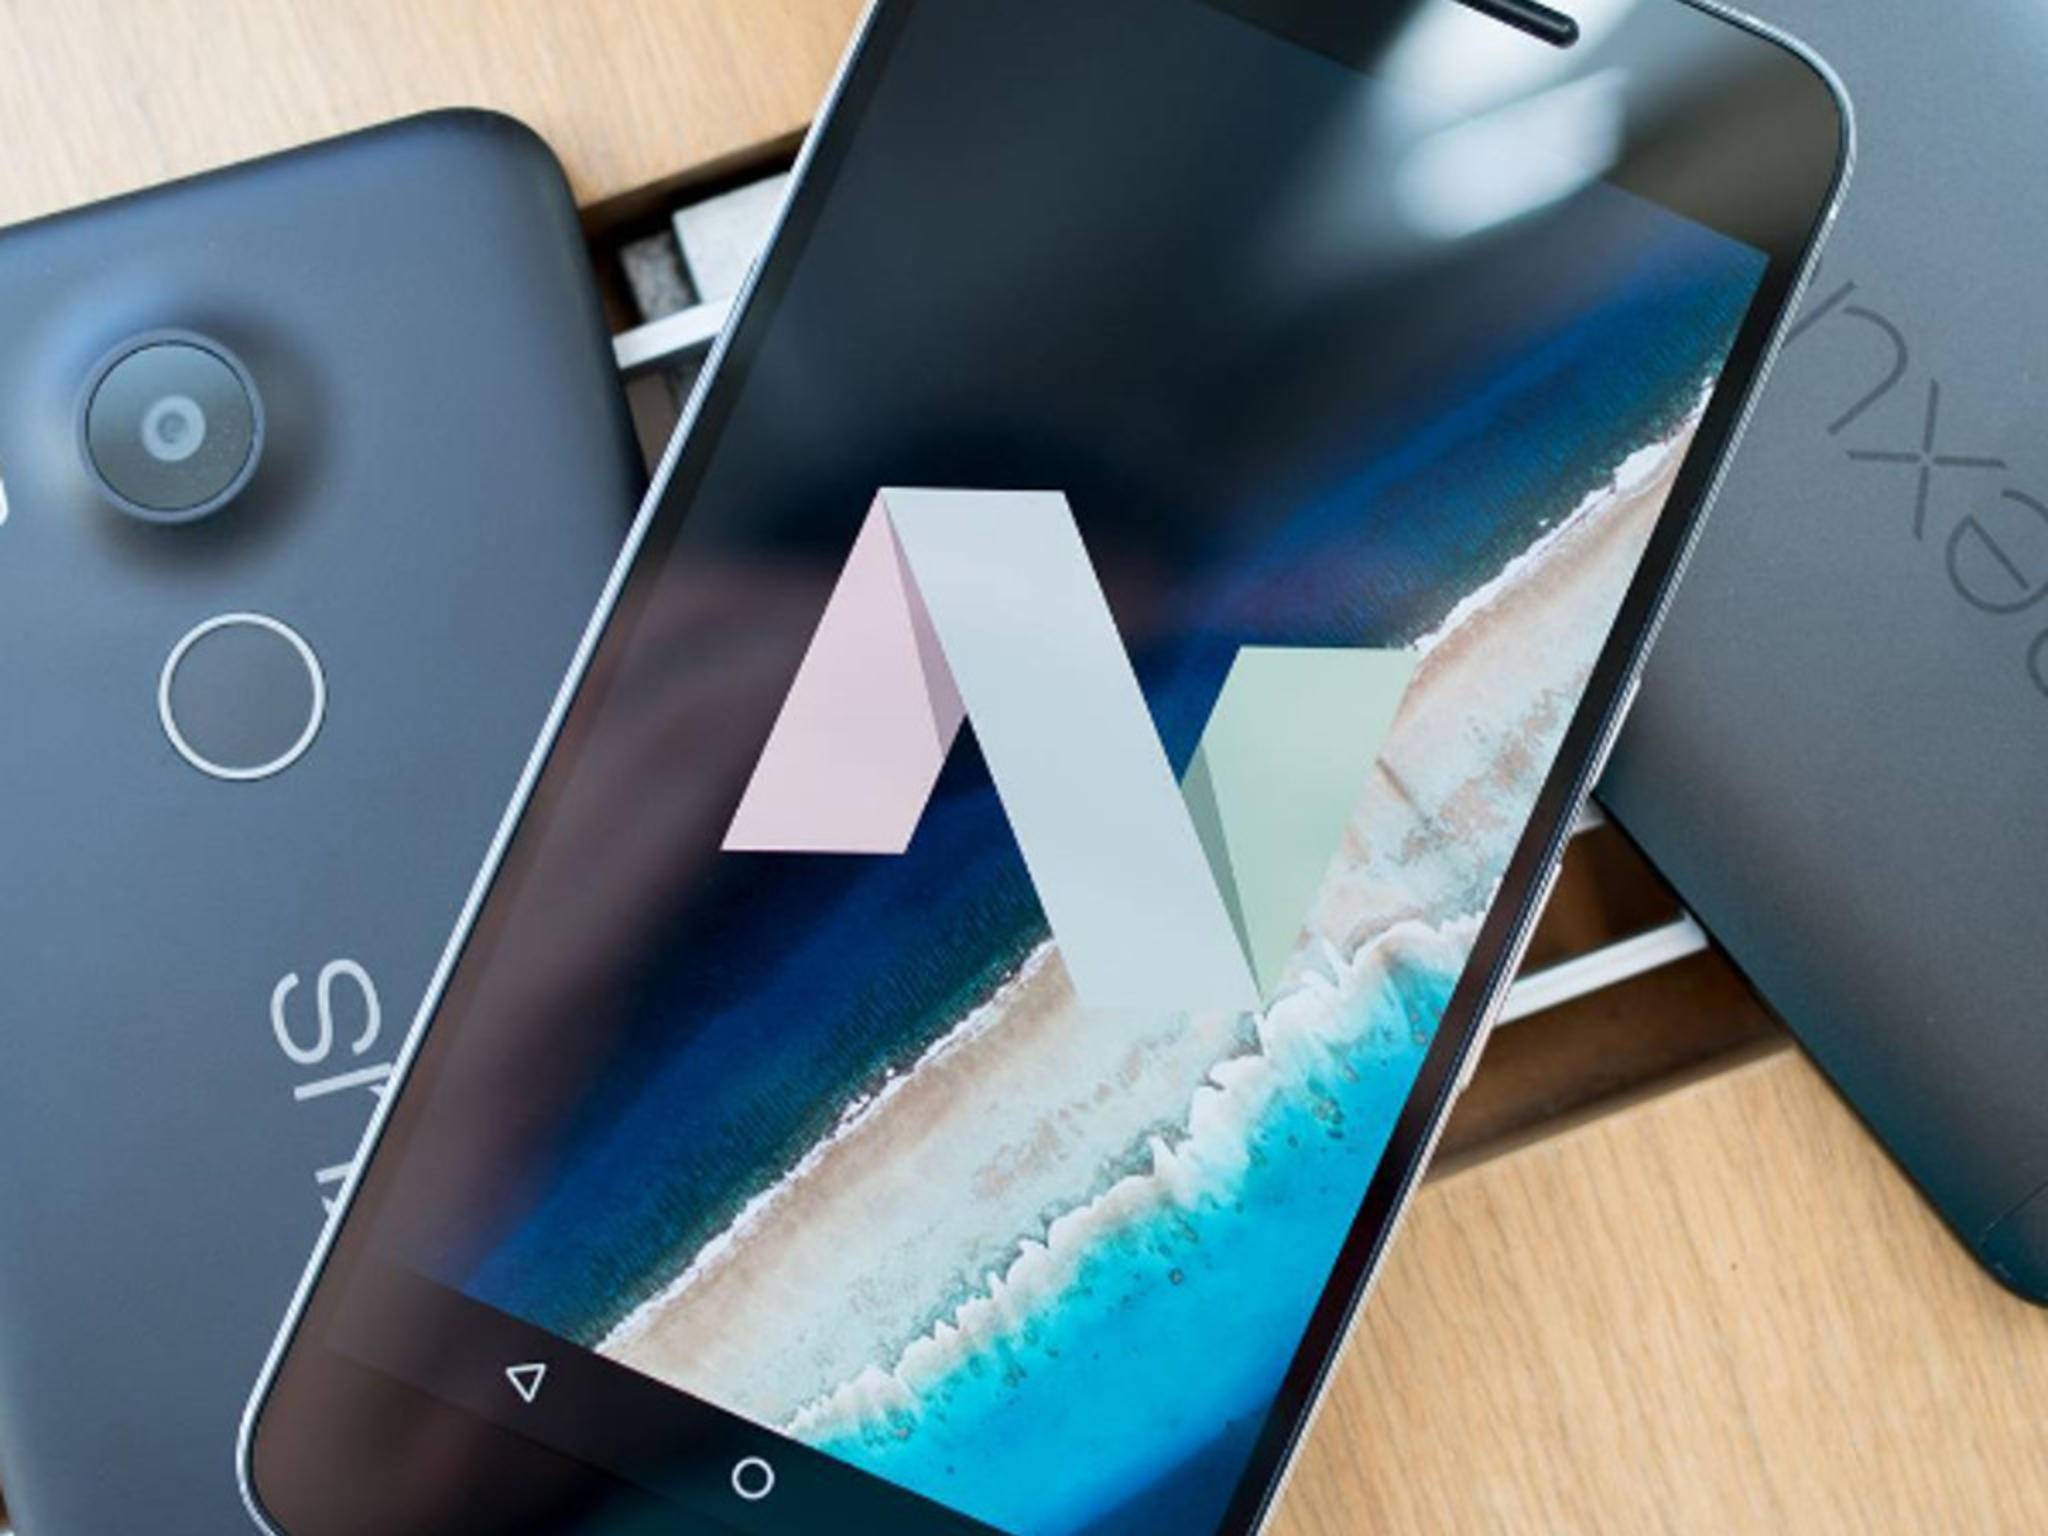 Die Nexus-Reihe ist Geschichte, die neue Marke heißt schlicht Pixel.